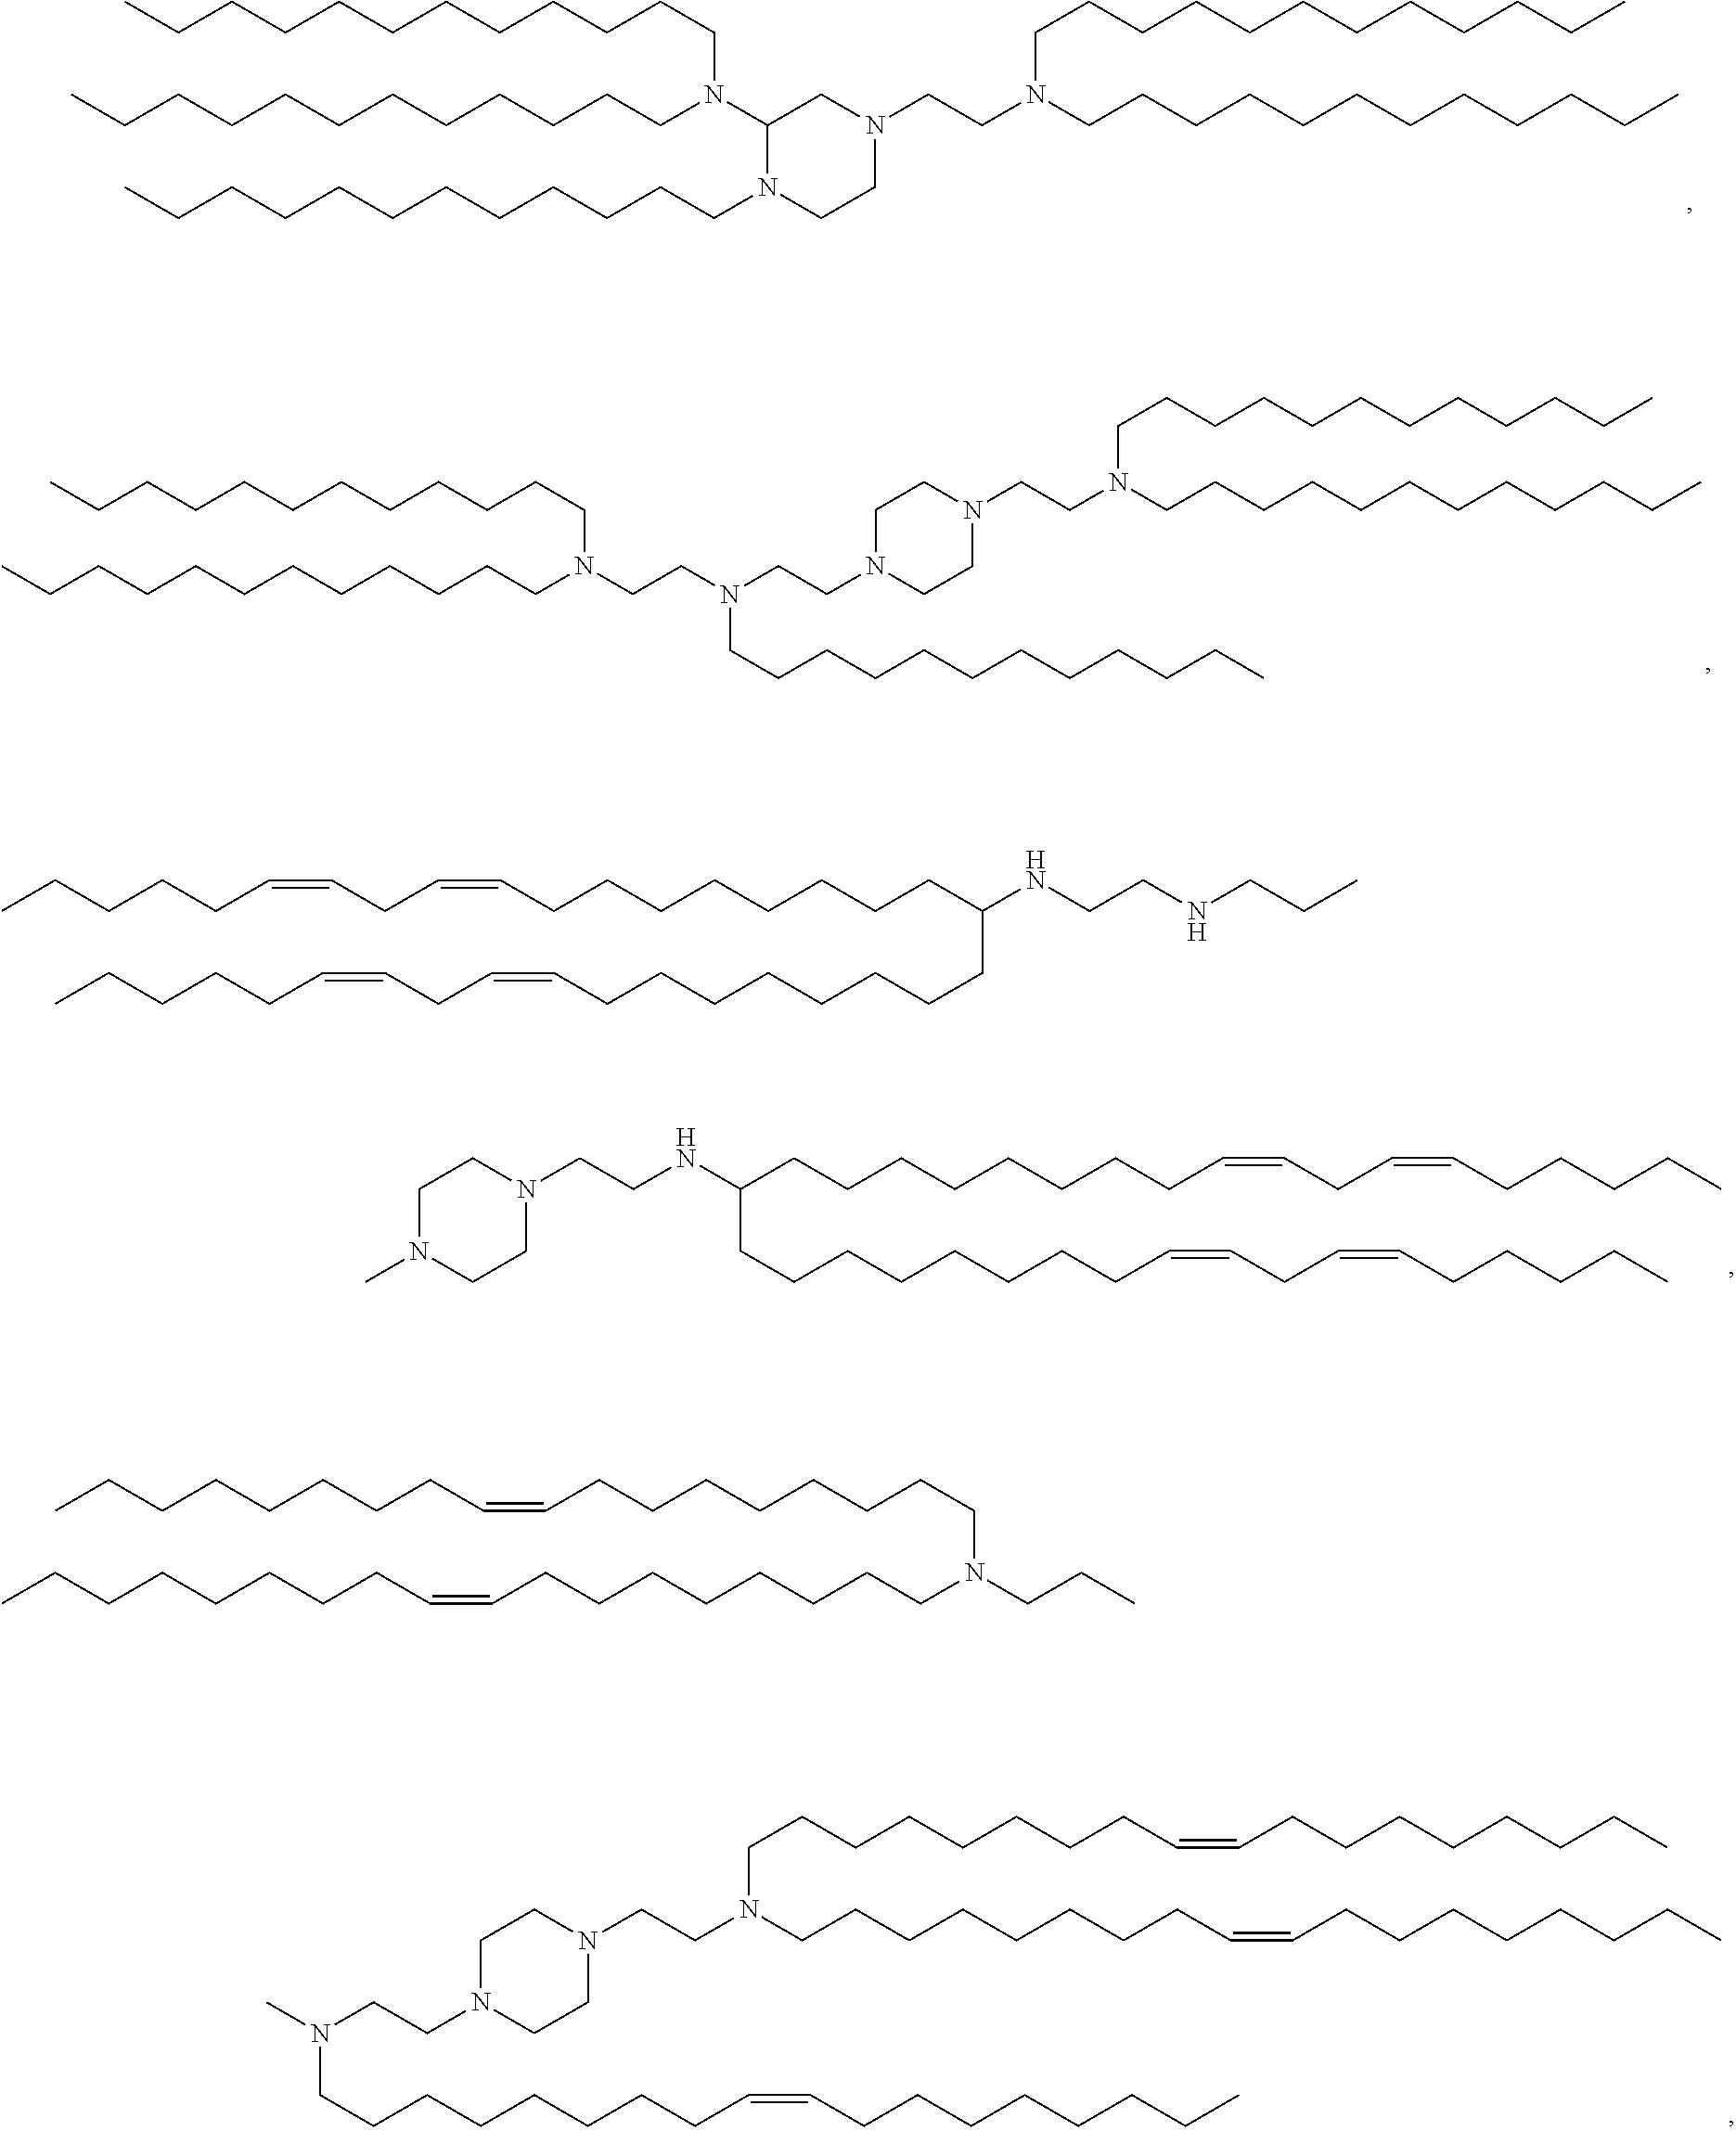 Figure US08691750-20140408-C00006